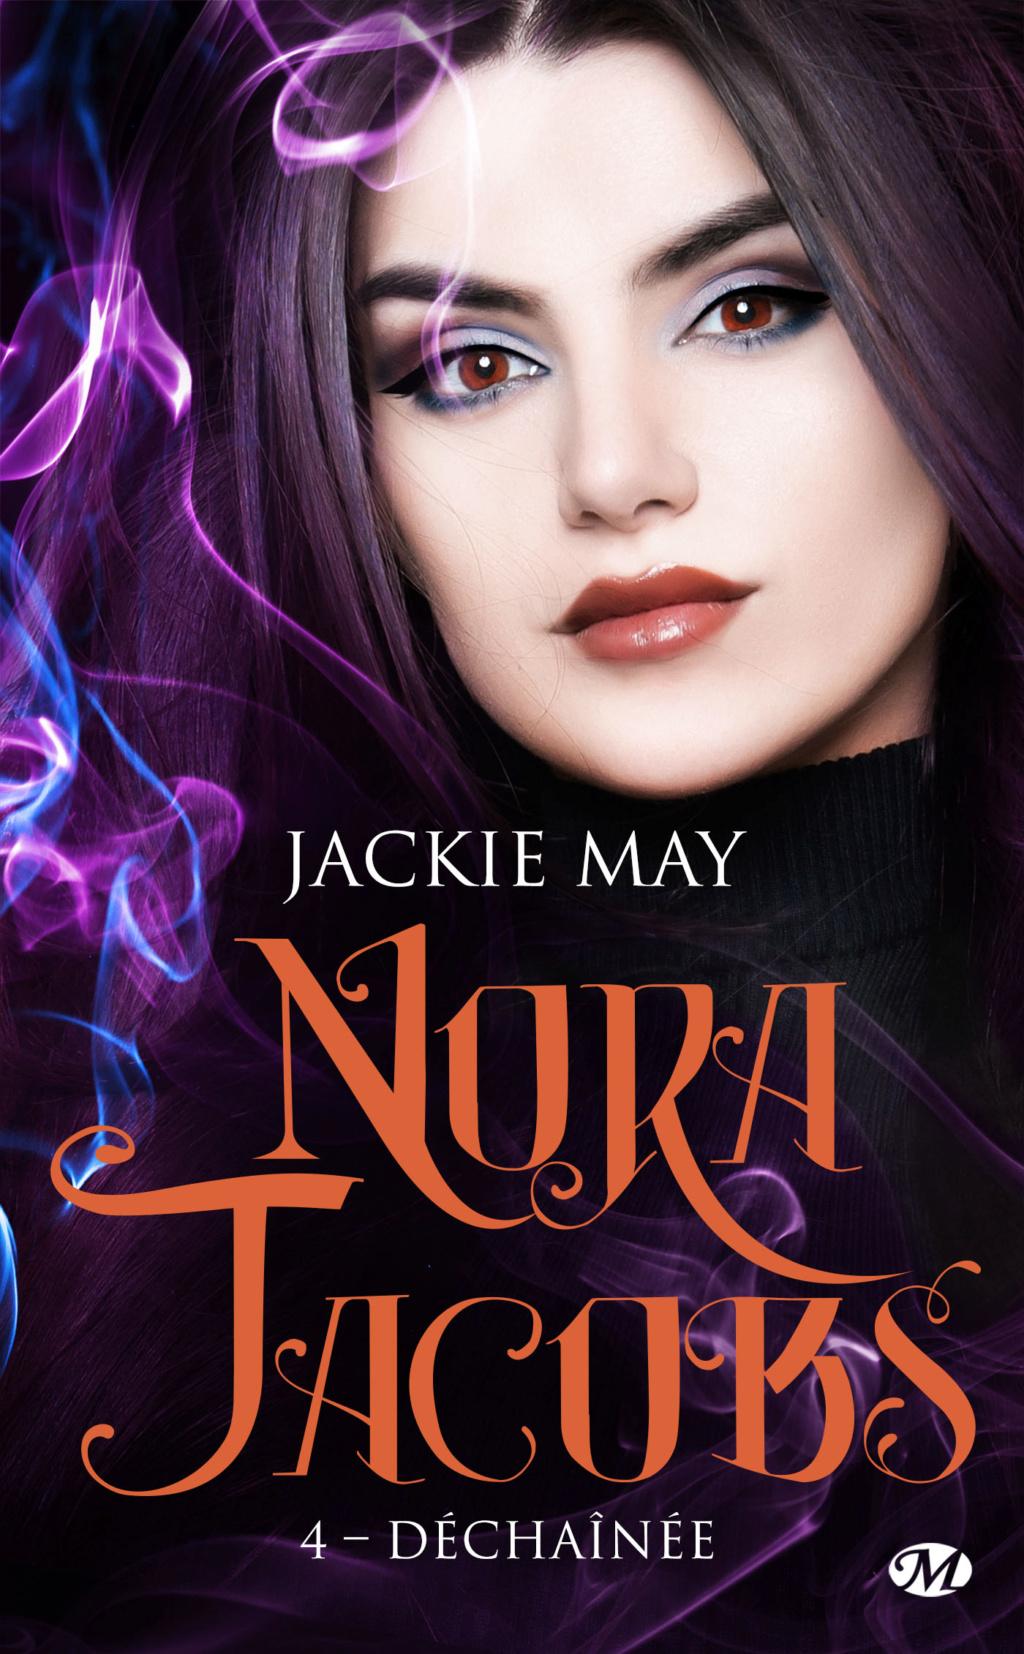 Nora Jacobs - Tome 4 : Déchaînée de Jackie May Nora-j10